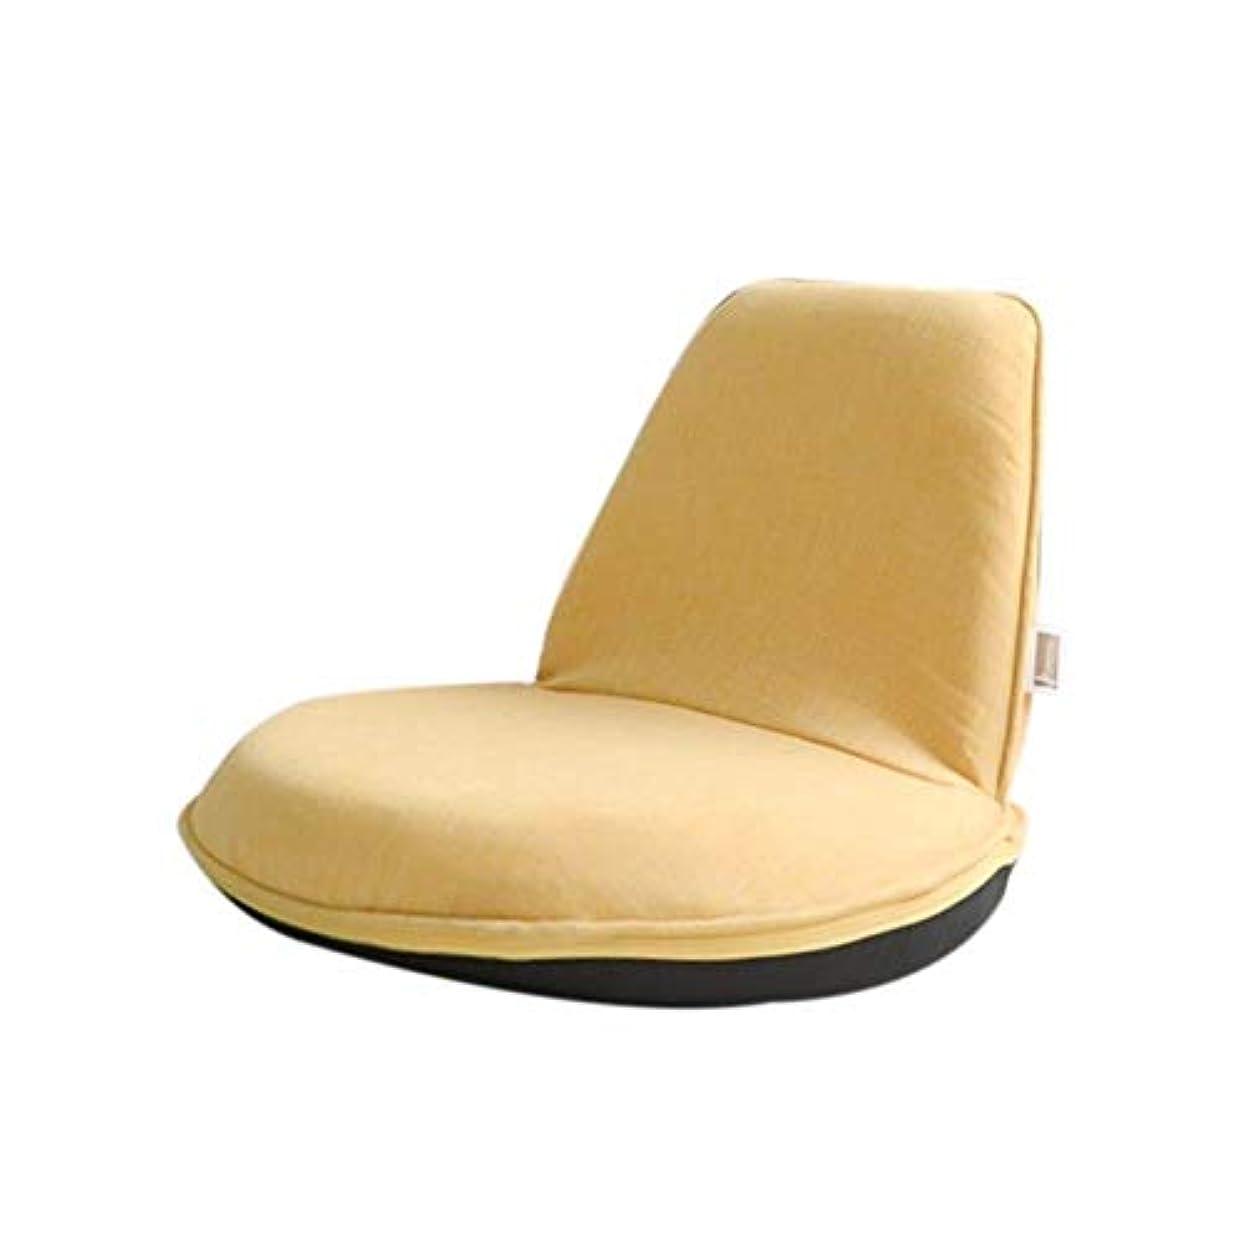 ラッドヤードキップリング学習下手瞑想チェア、レイジーチェア、子供用シングルミニ折りたたみフロアチェア、ベッドルームレイジースモールソファ、ゲームチェア、畳、背もたれ付きベッドルームベイウィンドウ日本の椅子 (Color : 黄)